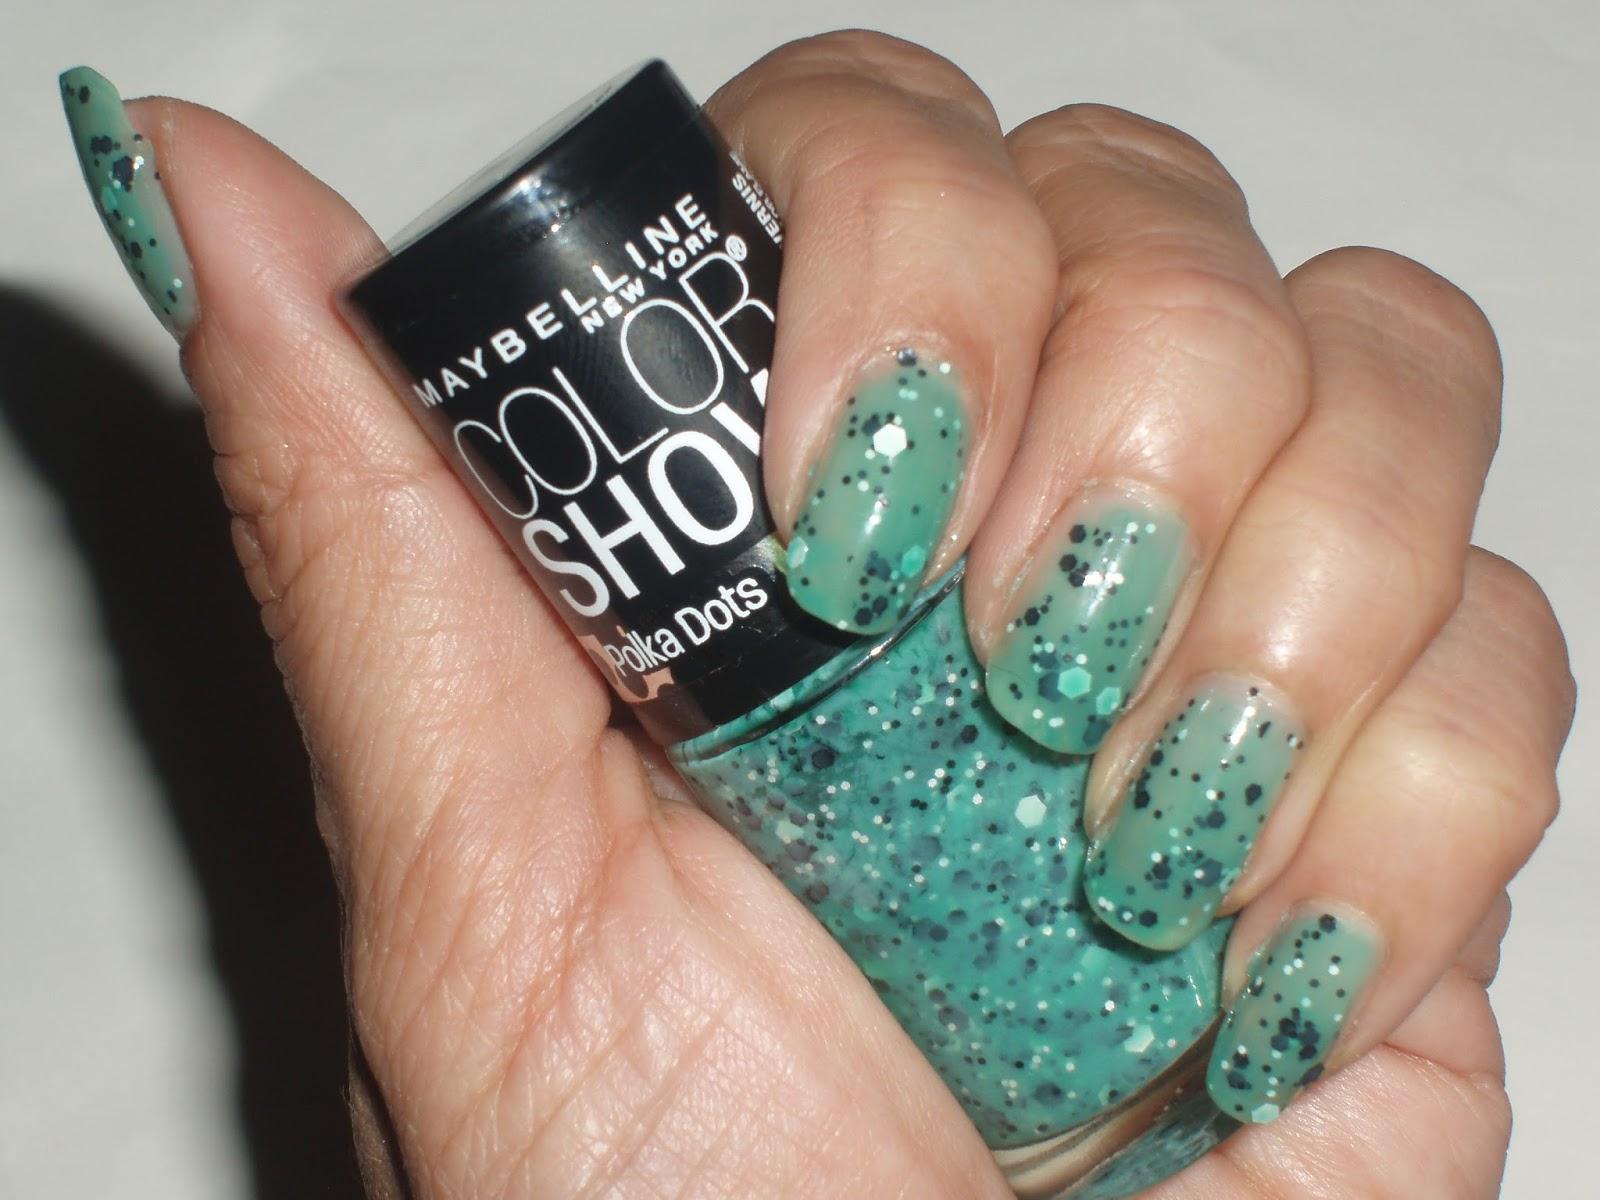 2.bp.blogspot.com_-j3V3xrpBz2s_Uc-YtfAlFkI_AAAAAAAAIJw_psz-YtJuHLU_s1600_P1010127+-+Maybelline+Drops+of+Jade